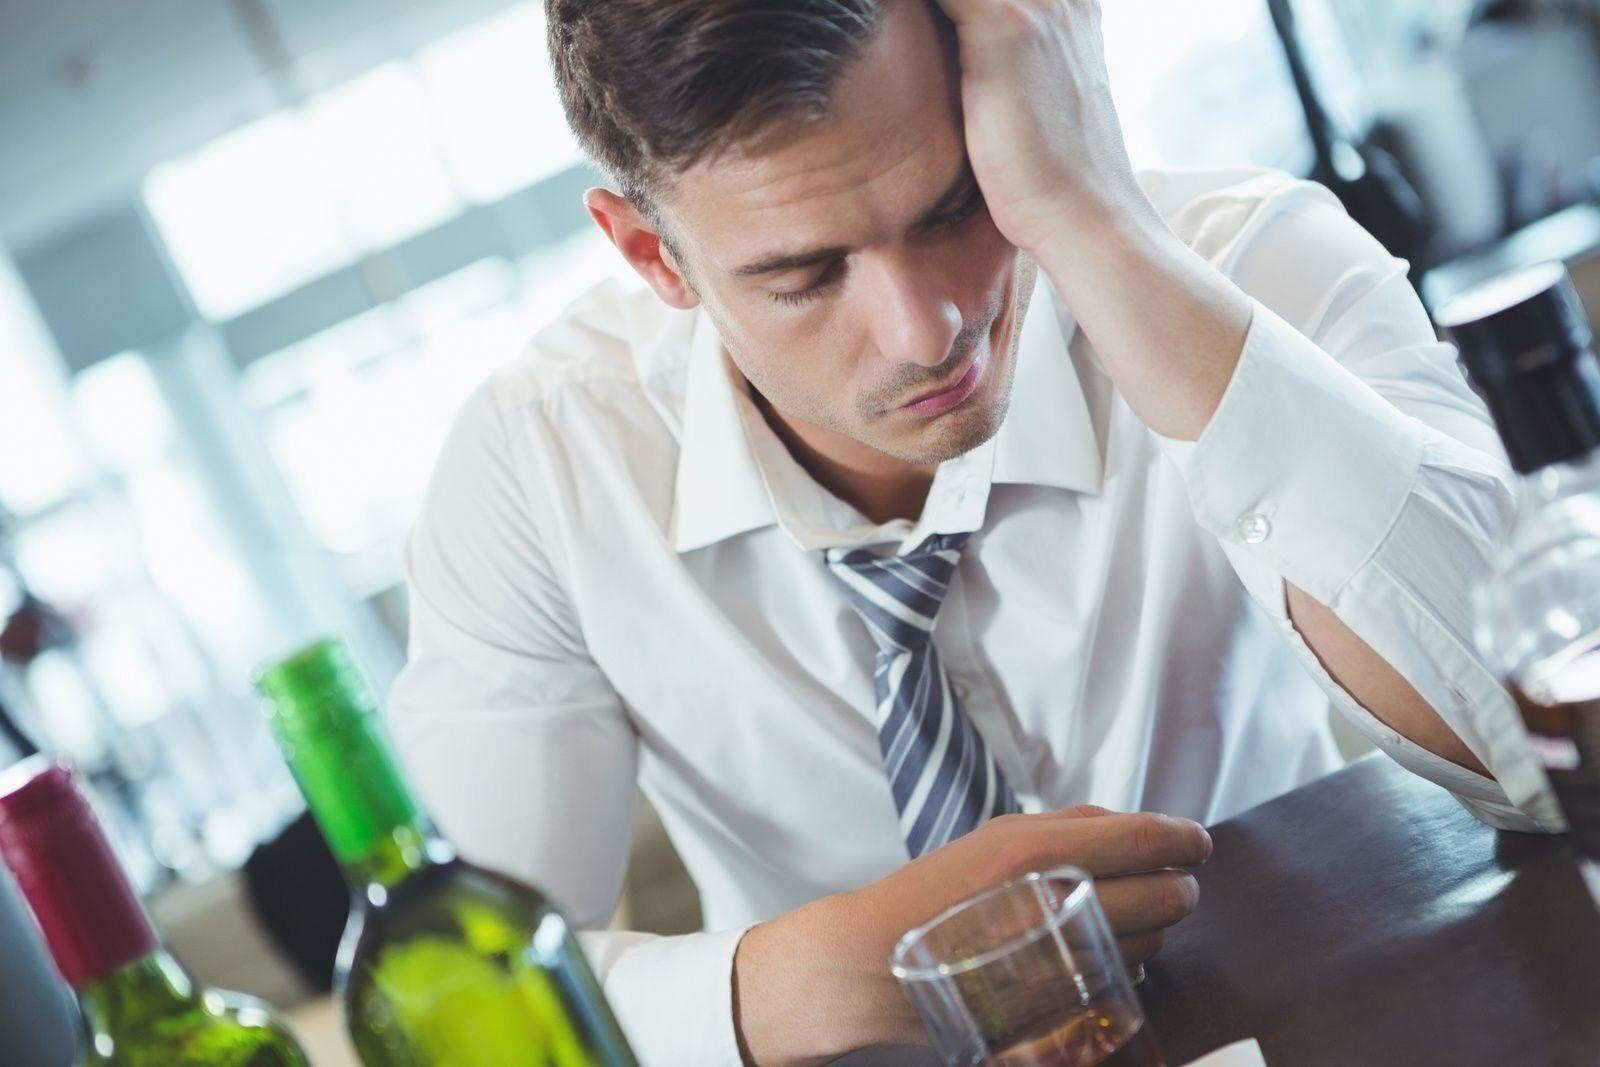 Вывод из запоя Москве цены организация благотворительная мариуполь лечение алкоголизма исход